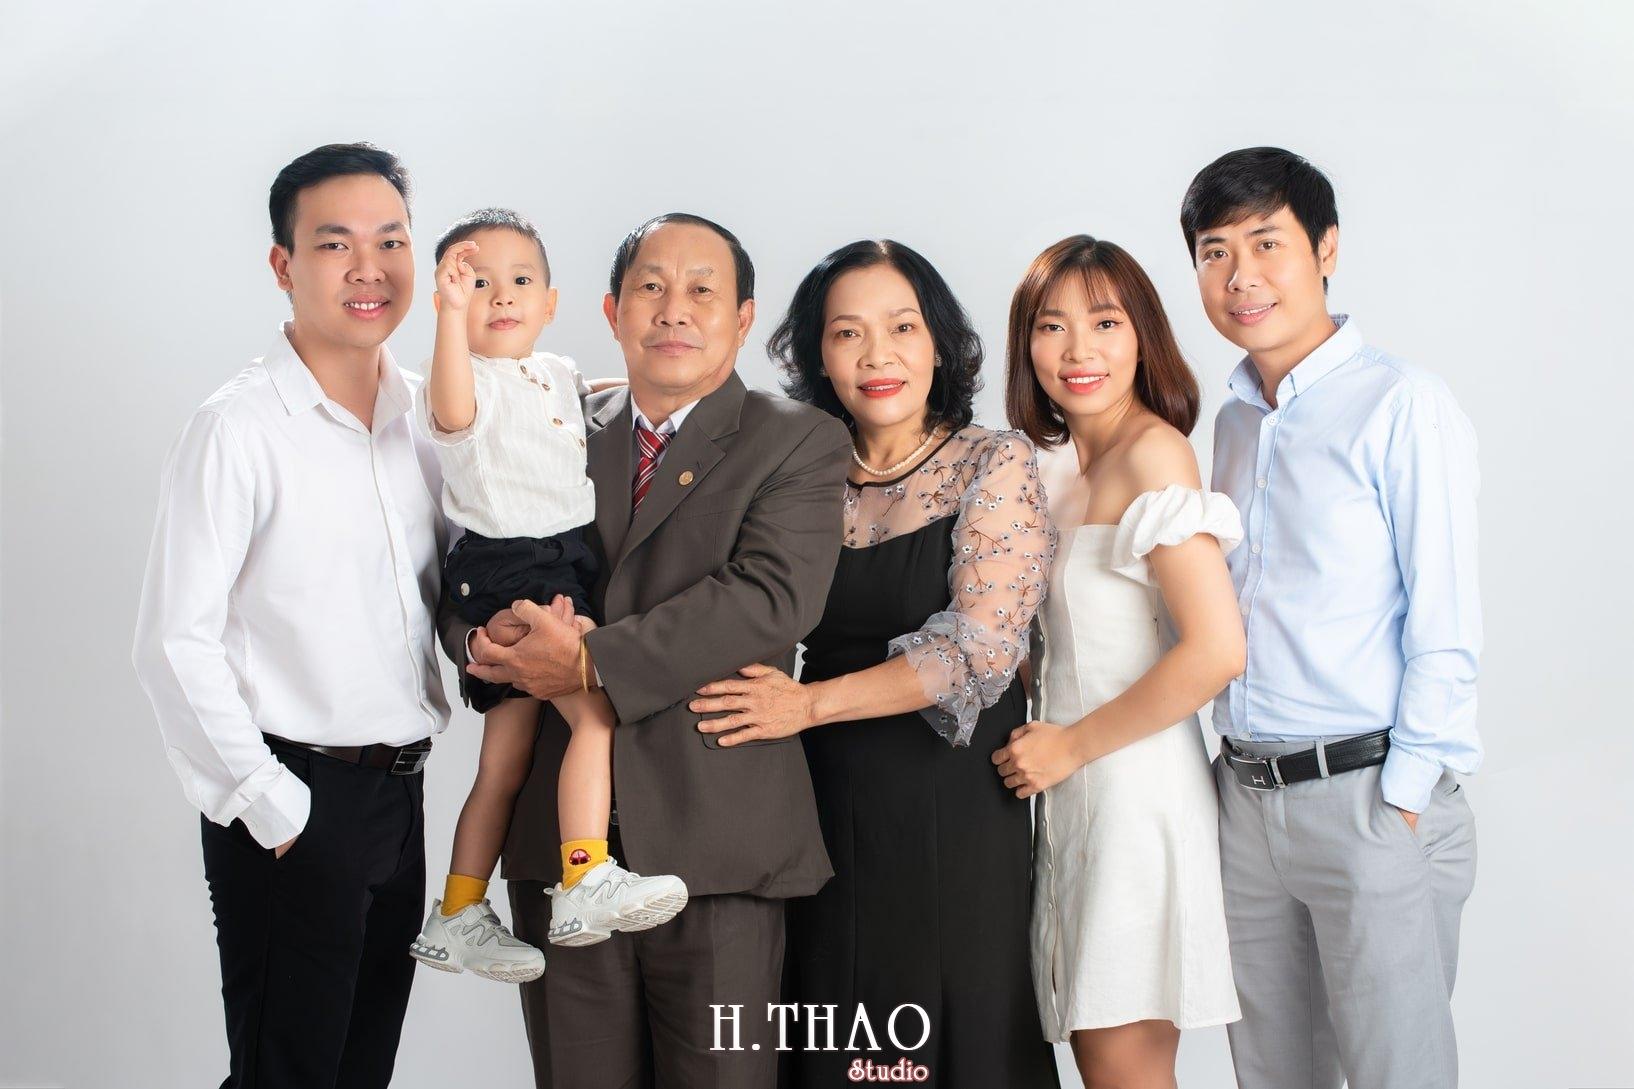 Anh gia dinh 2 - Dịch vụ chụp ảnh kỷ niệm ngày cưới - HThao Studio